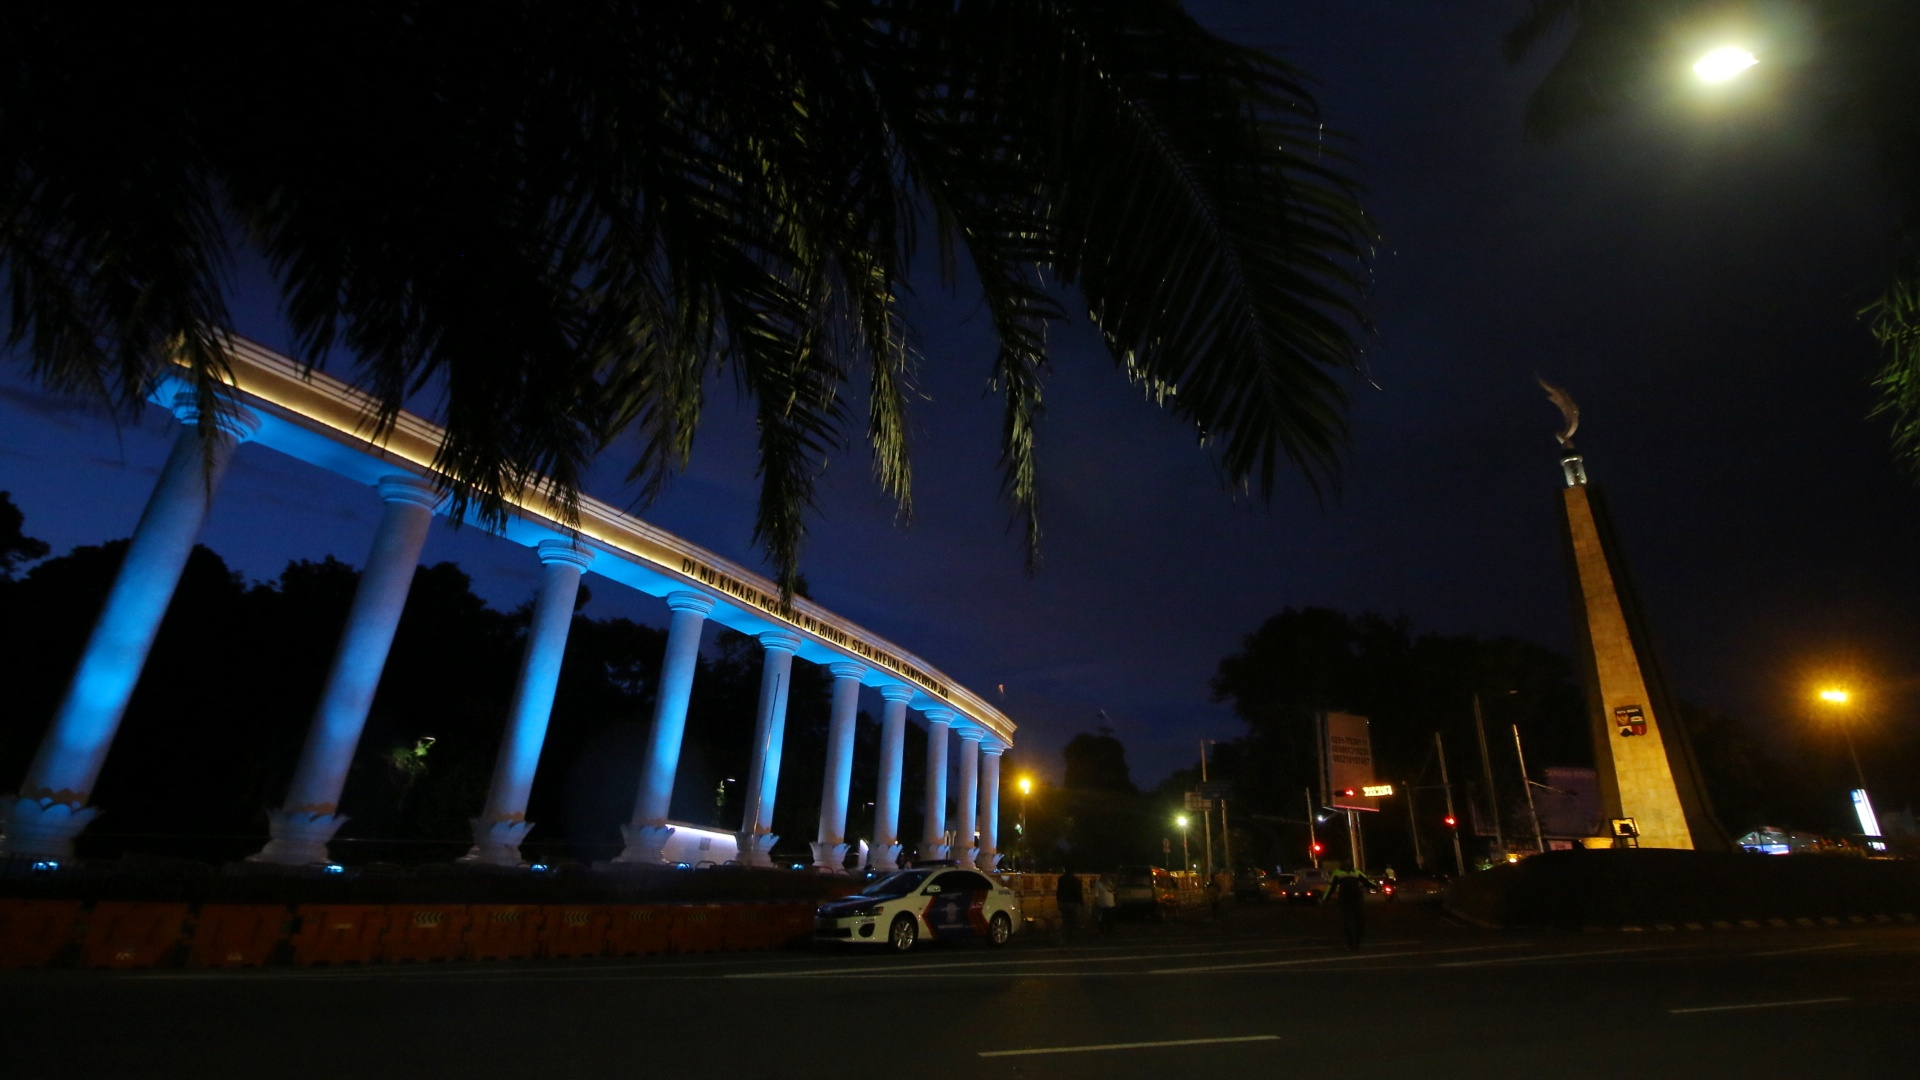 KMNU IPB - Sudah tidak asing lagi dengan julukan Bogor Kota Hujan. Julukan yang disematkan karena tingginya curah hujan di kota ini, bahkan pada musim kemarau pun masih banyak hujan dibandingkan daerah lain yang umumnya sedikit menerima hujan. Mengapa Bogor memiliki curah hujan yang relatif tinggi? Berikut penjelasan singkat menjawab hal tersebut.